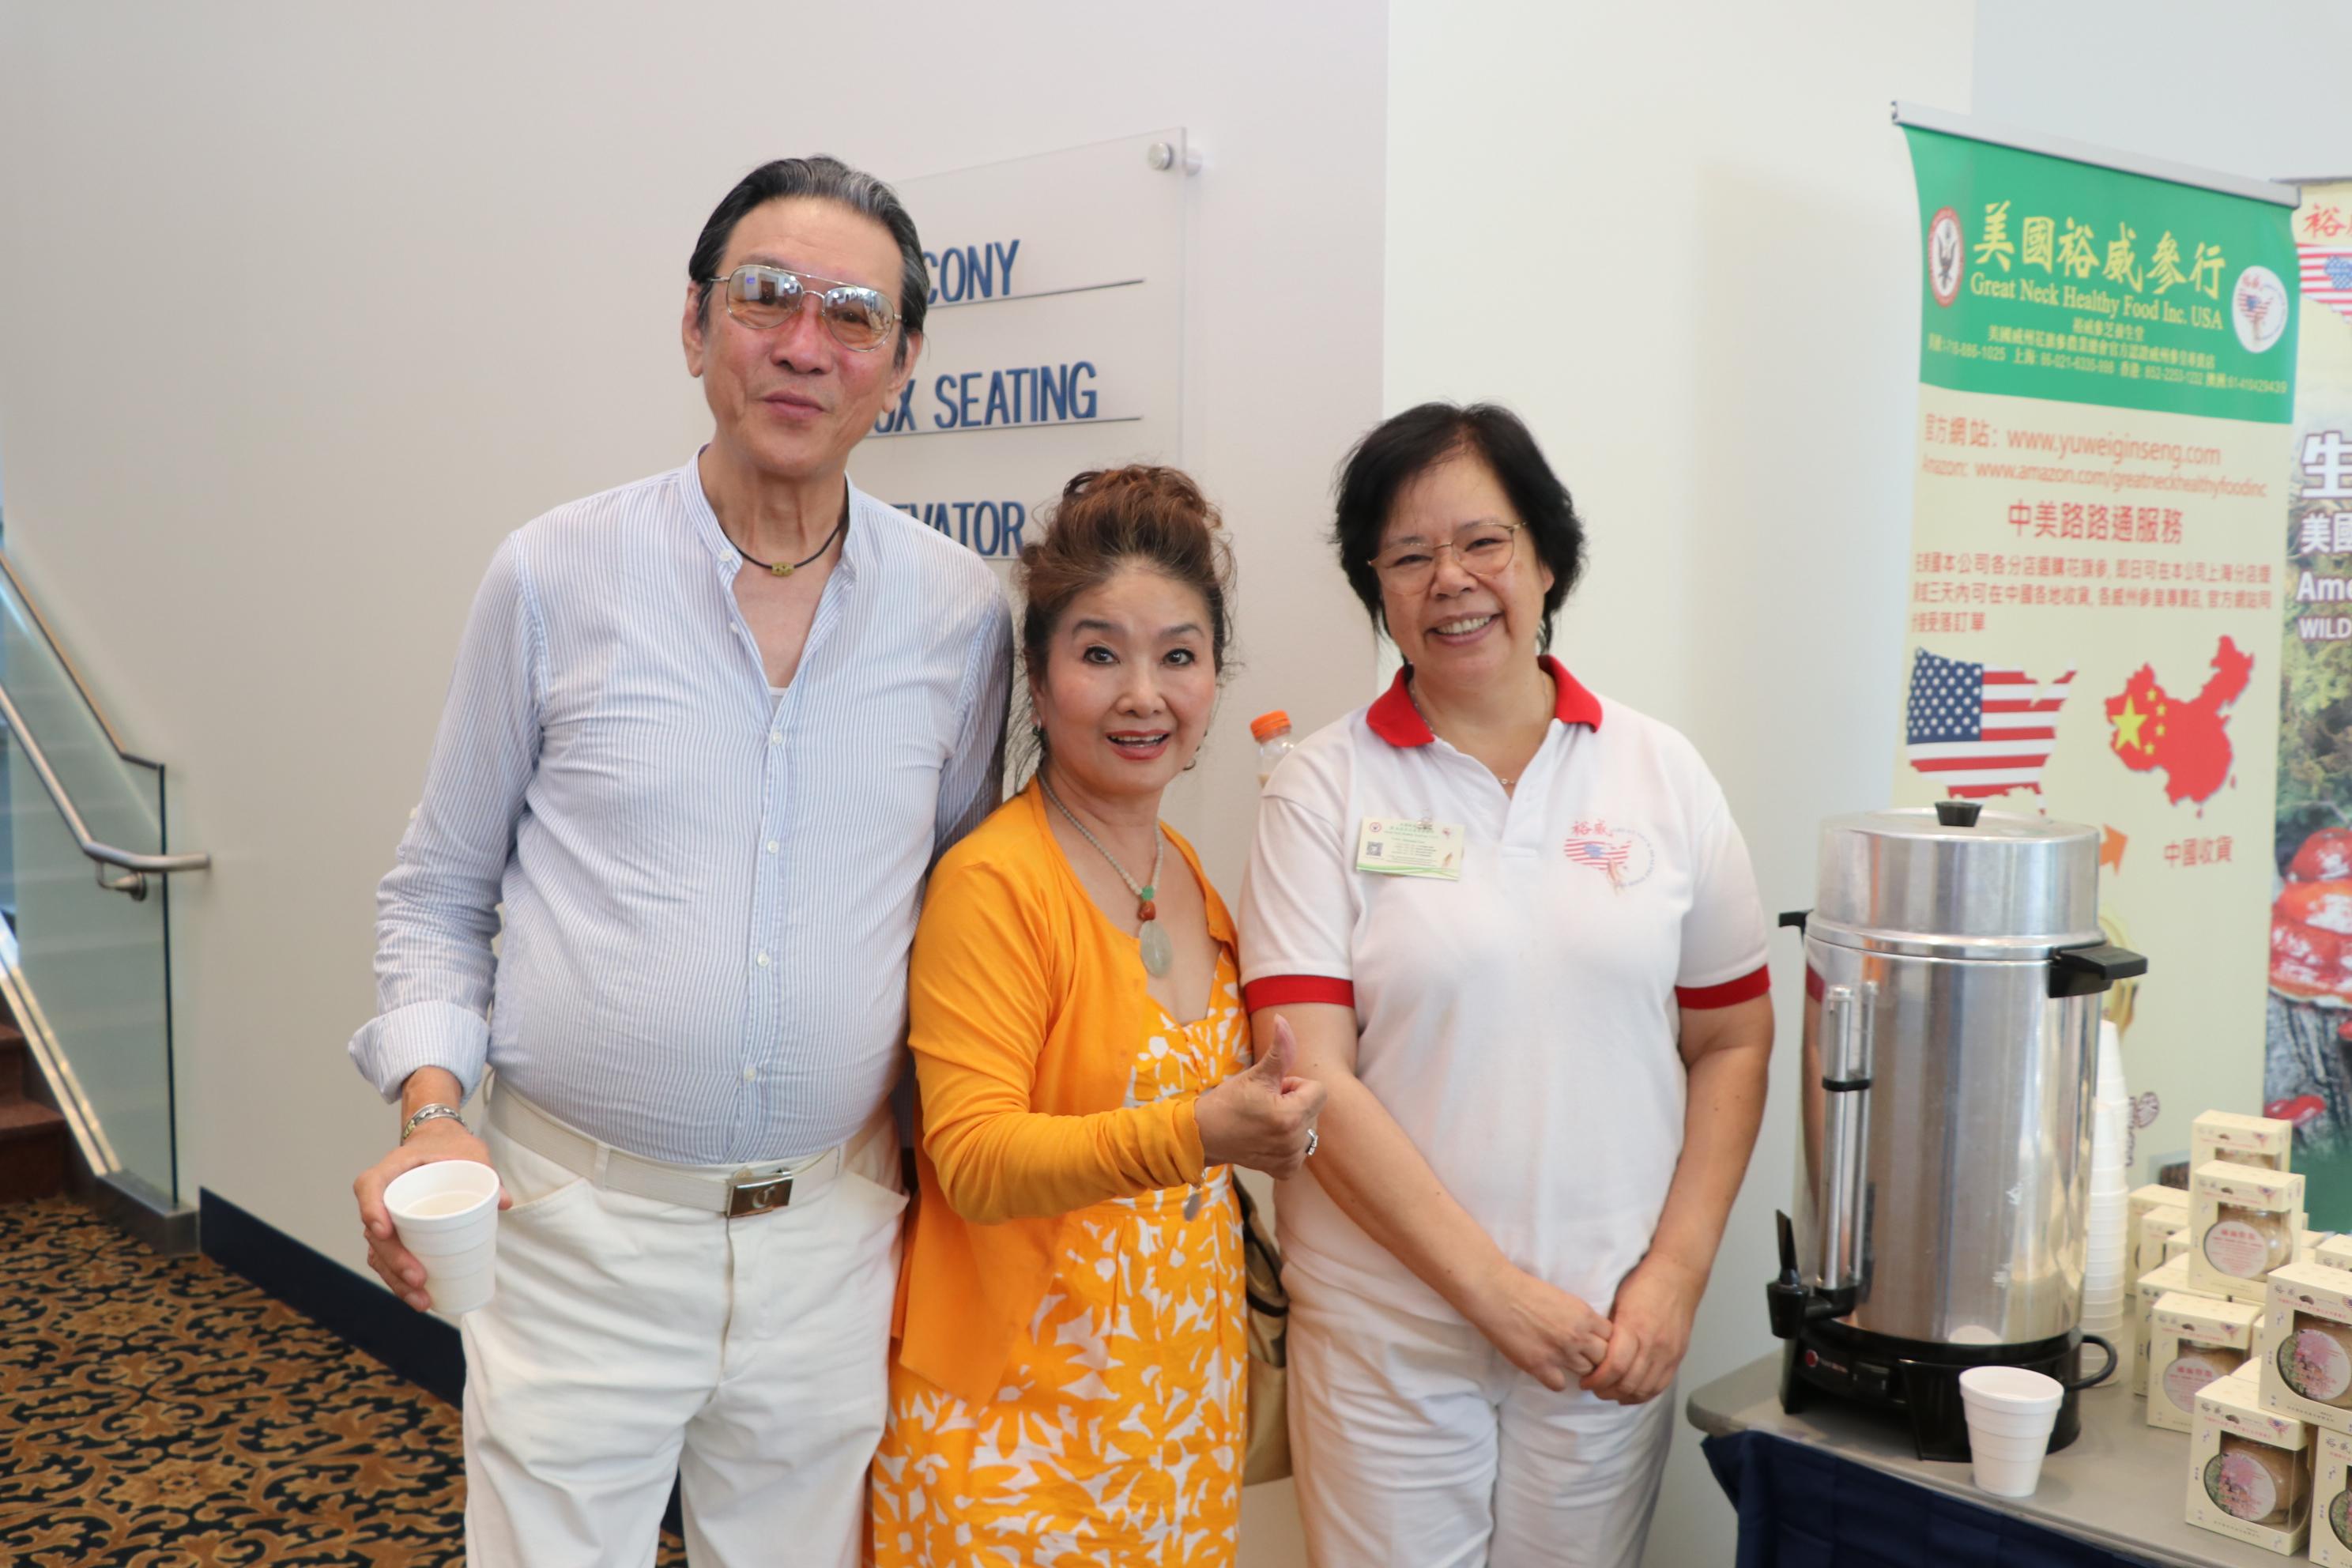 來自紐的裕威參行負責人Marinda Lau(右)到會場做展銷活動,與王妍霞(中)等相見歡。